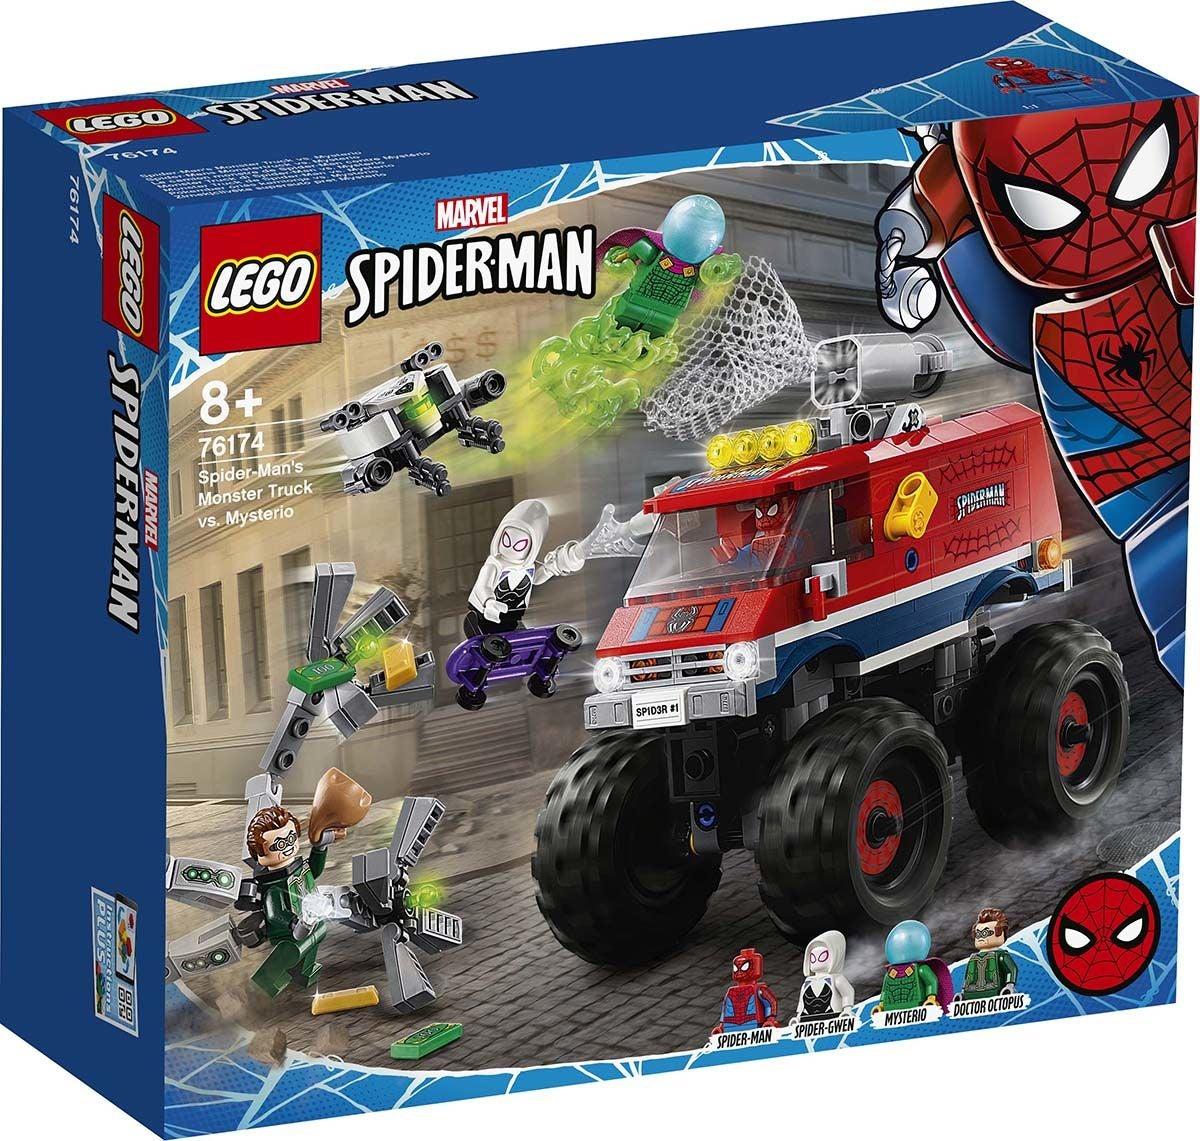 LEGO Super Heroes 76174 Spider-Manin Monstertruck vastaan Mysterio